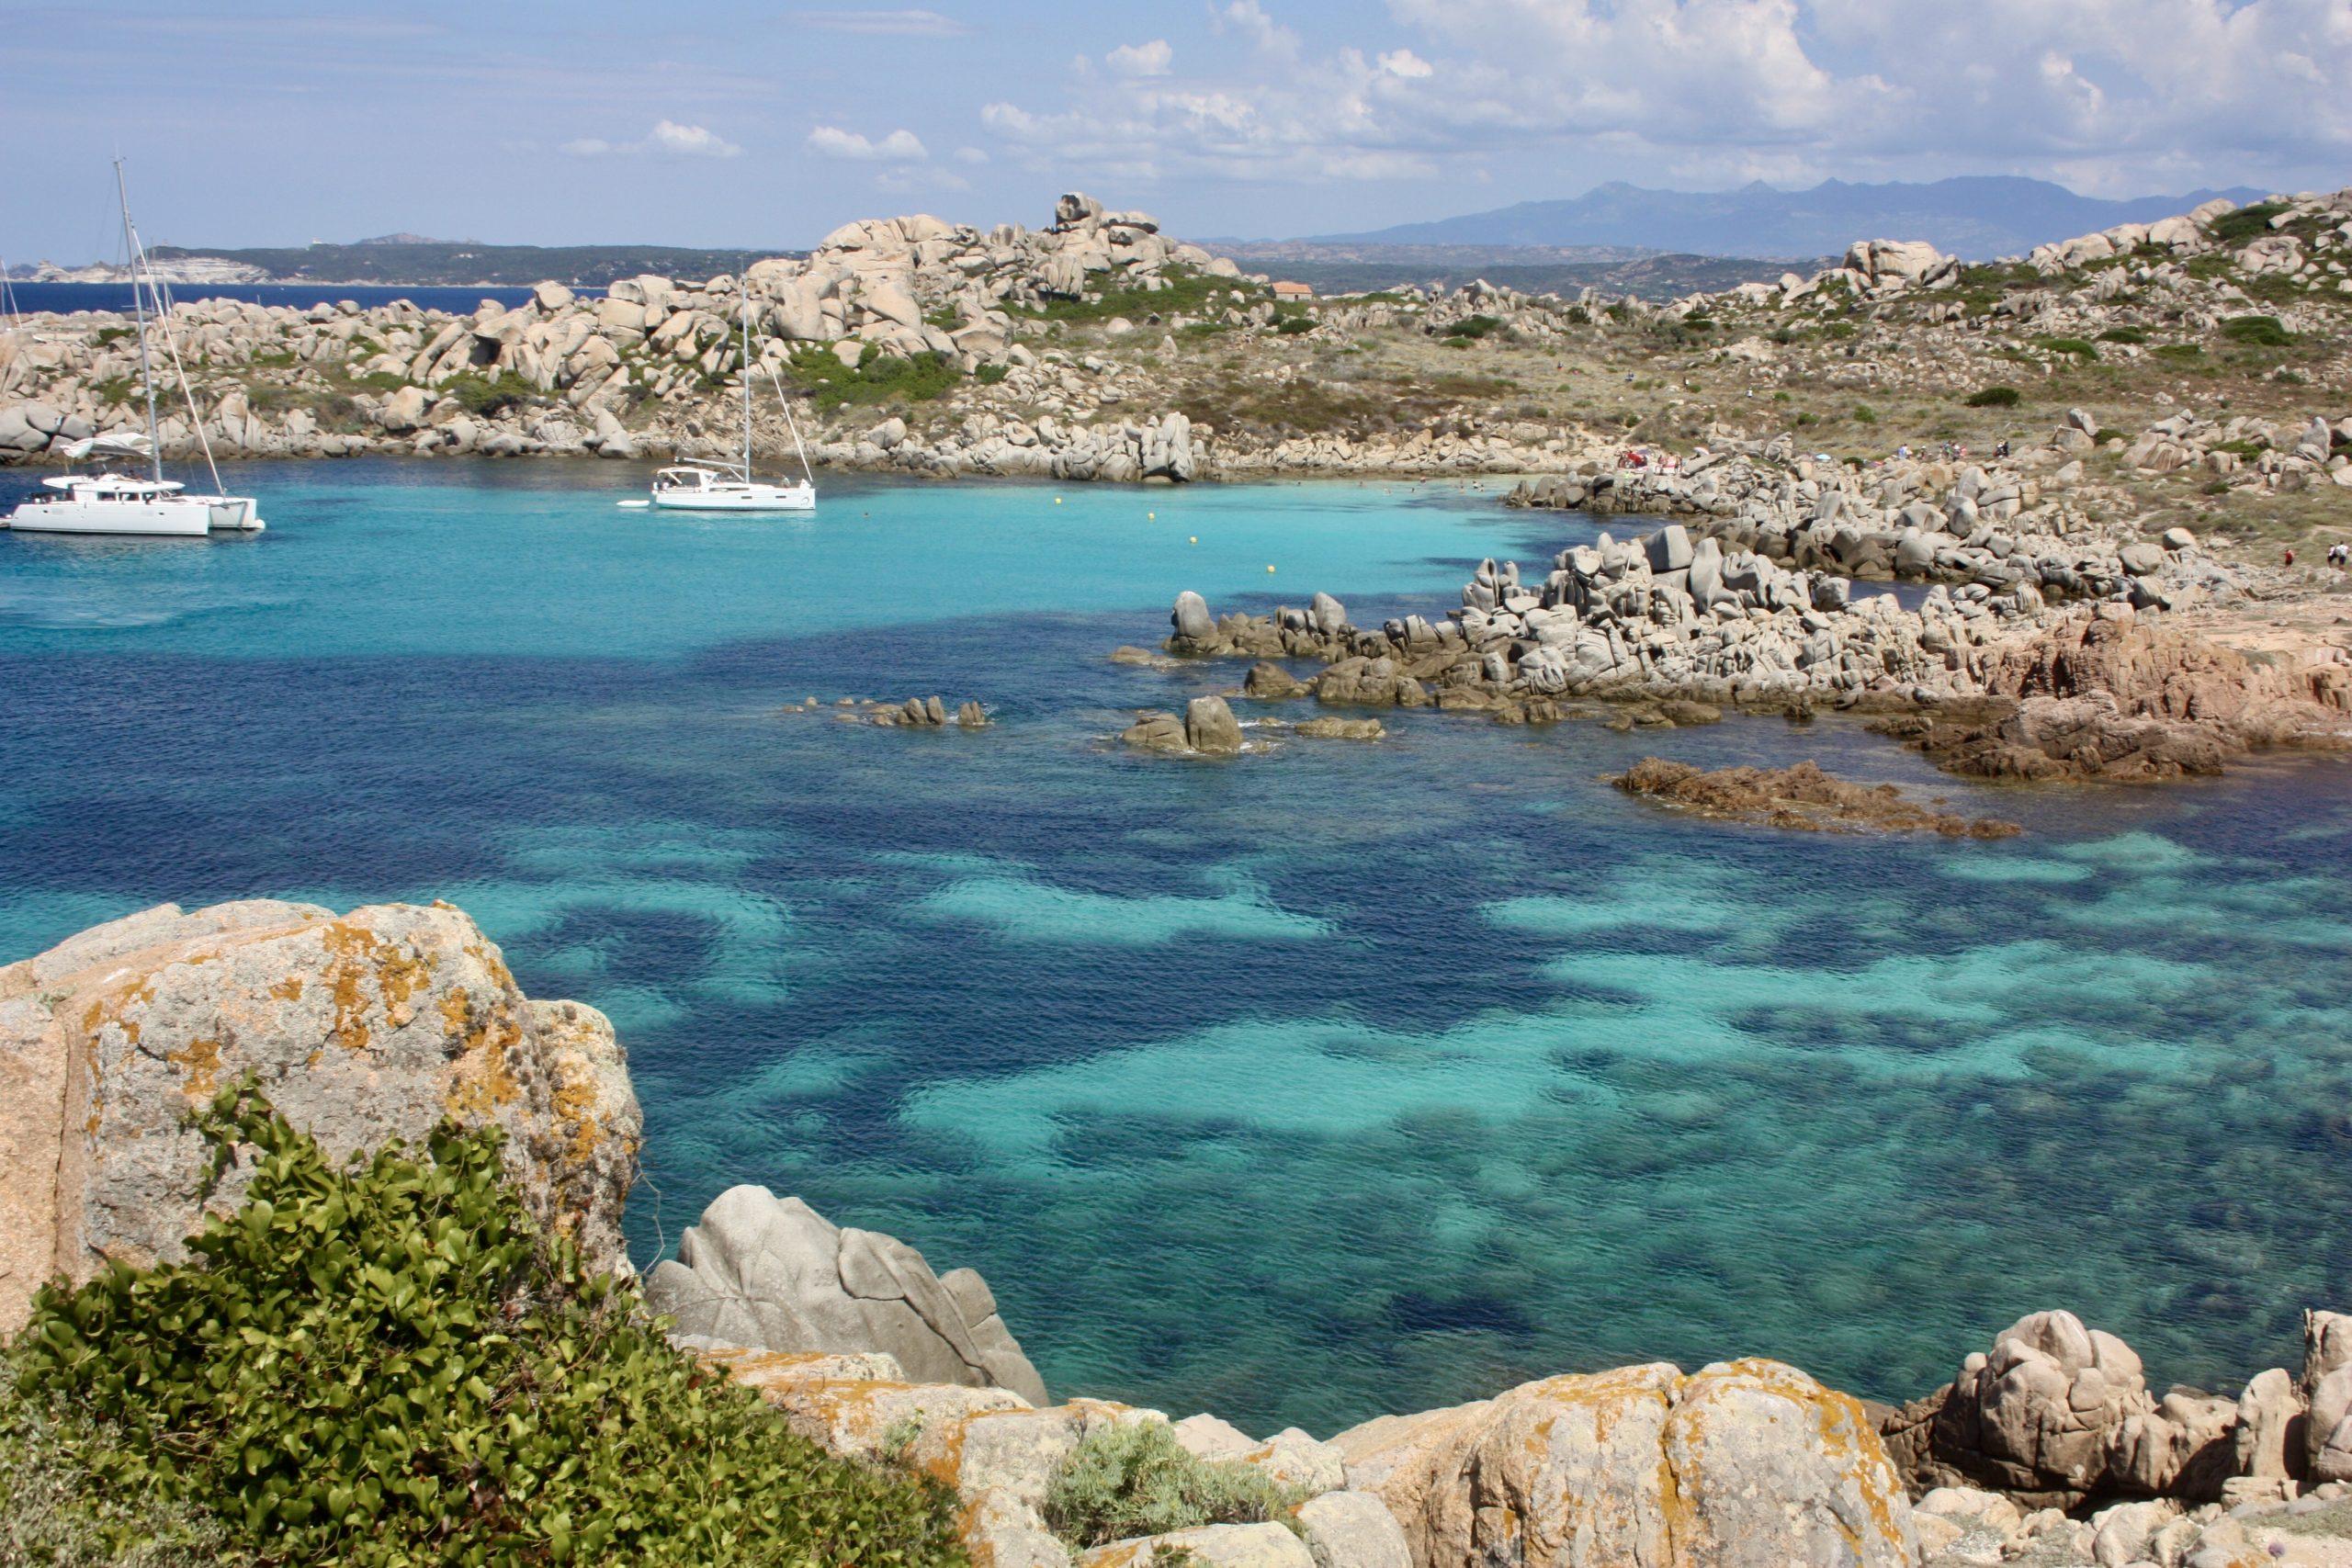 Roadtrip Österreich, Italien, Korsika, Sardinien und Toskana 2020